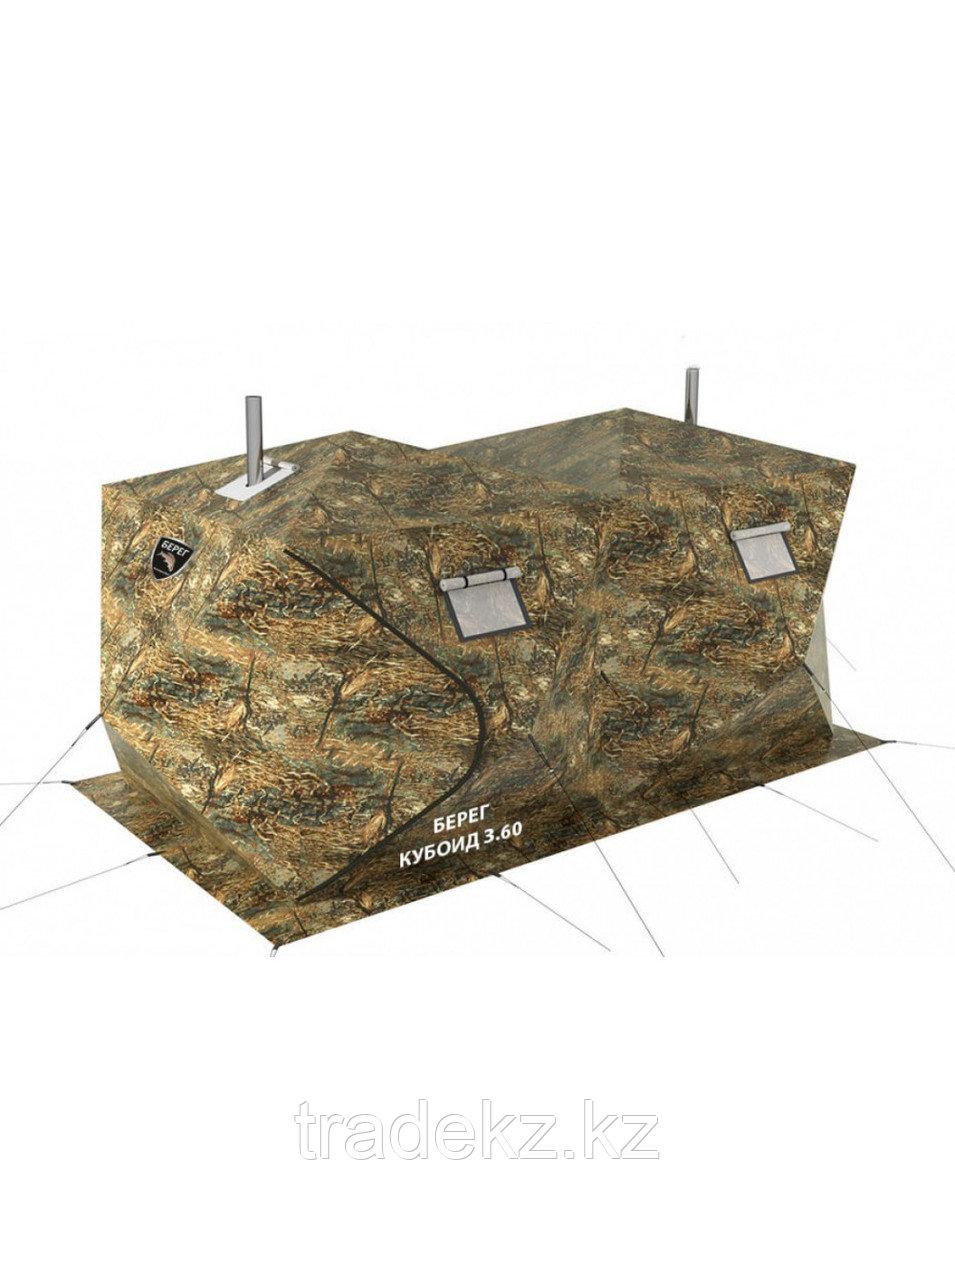 Палатка всесезонная Берег Кубоид 3.60 двухслойная, размер 3,6 x 1,8 x 1,9 м.